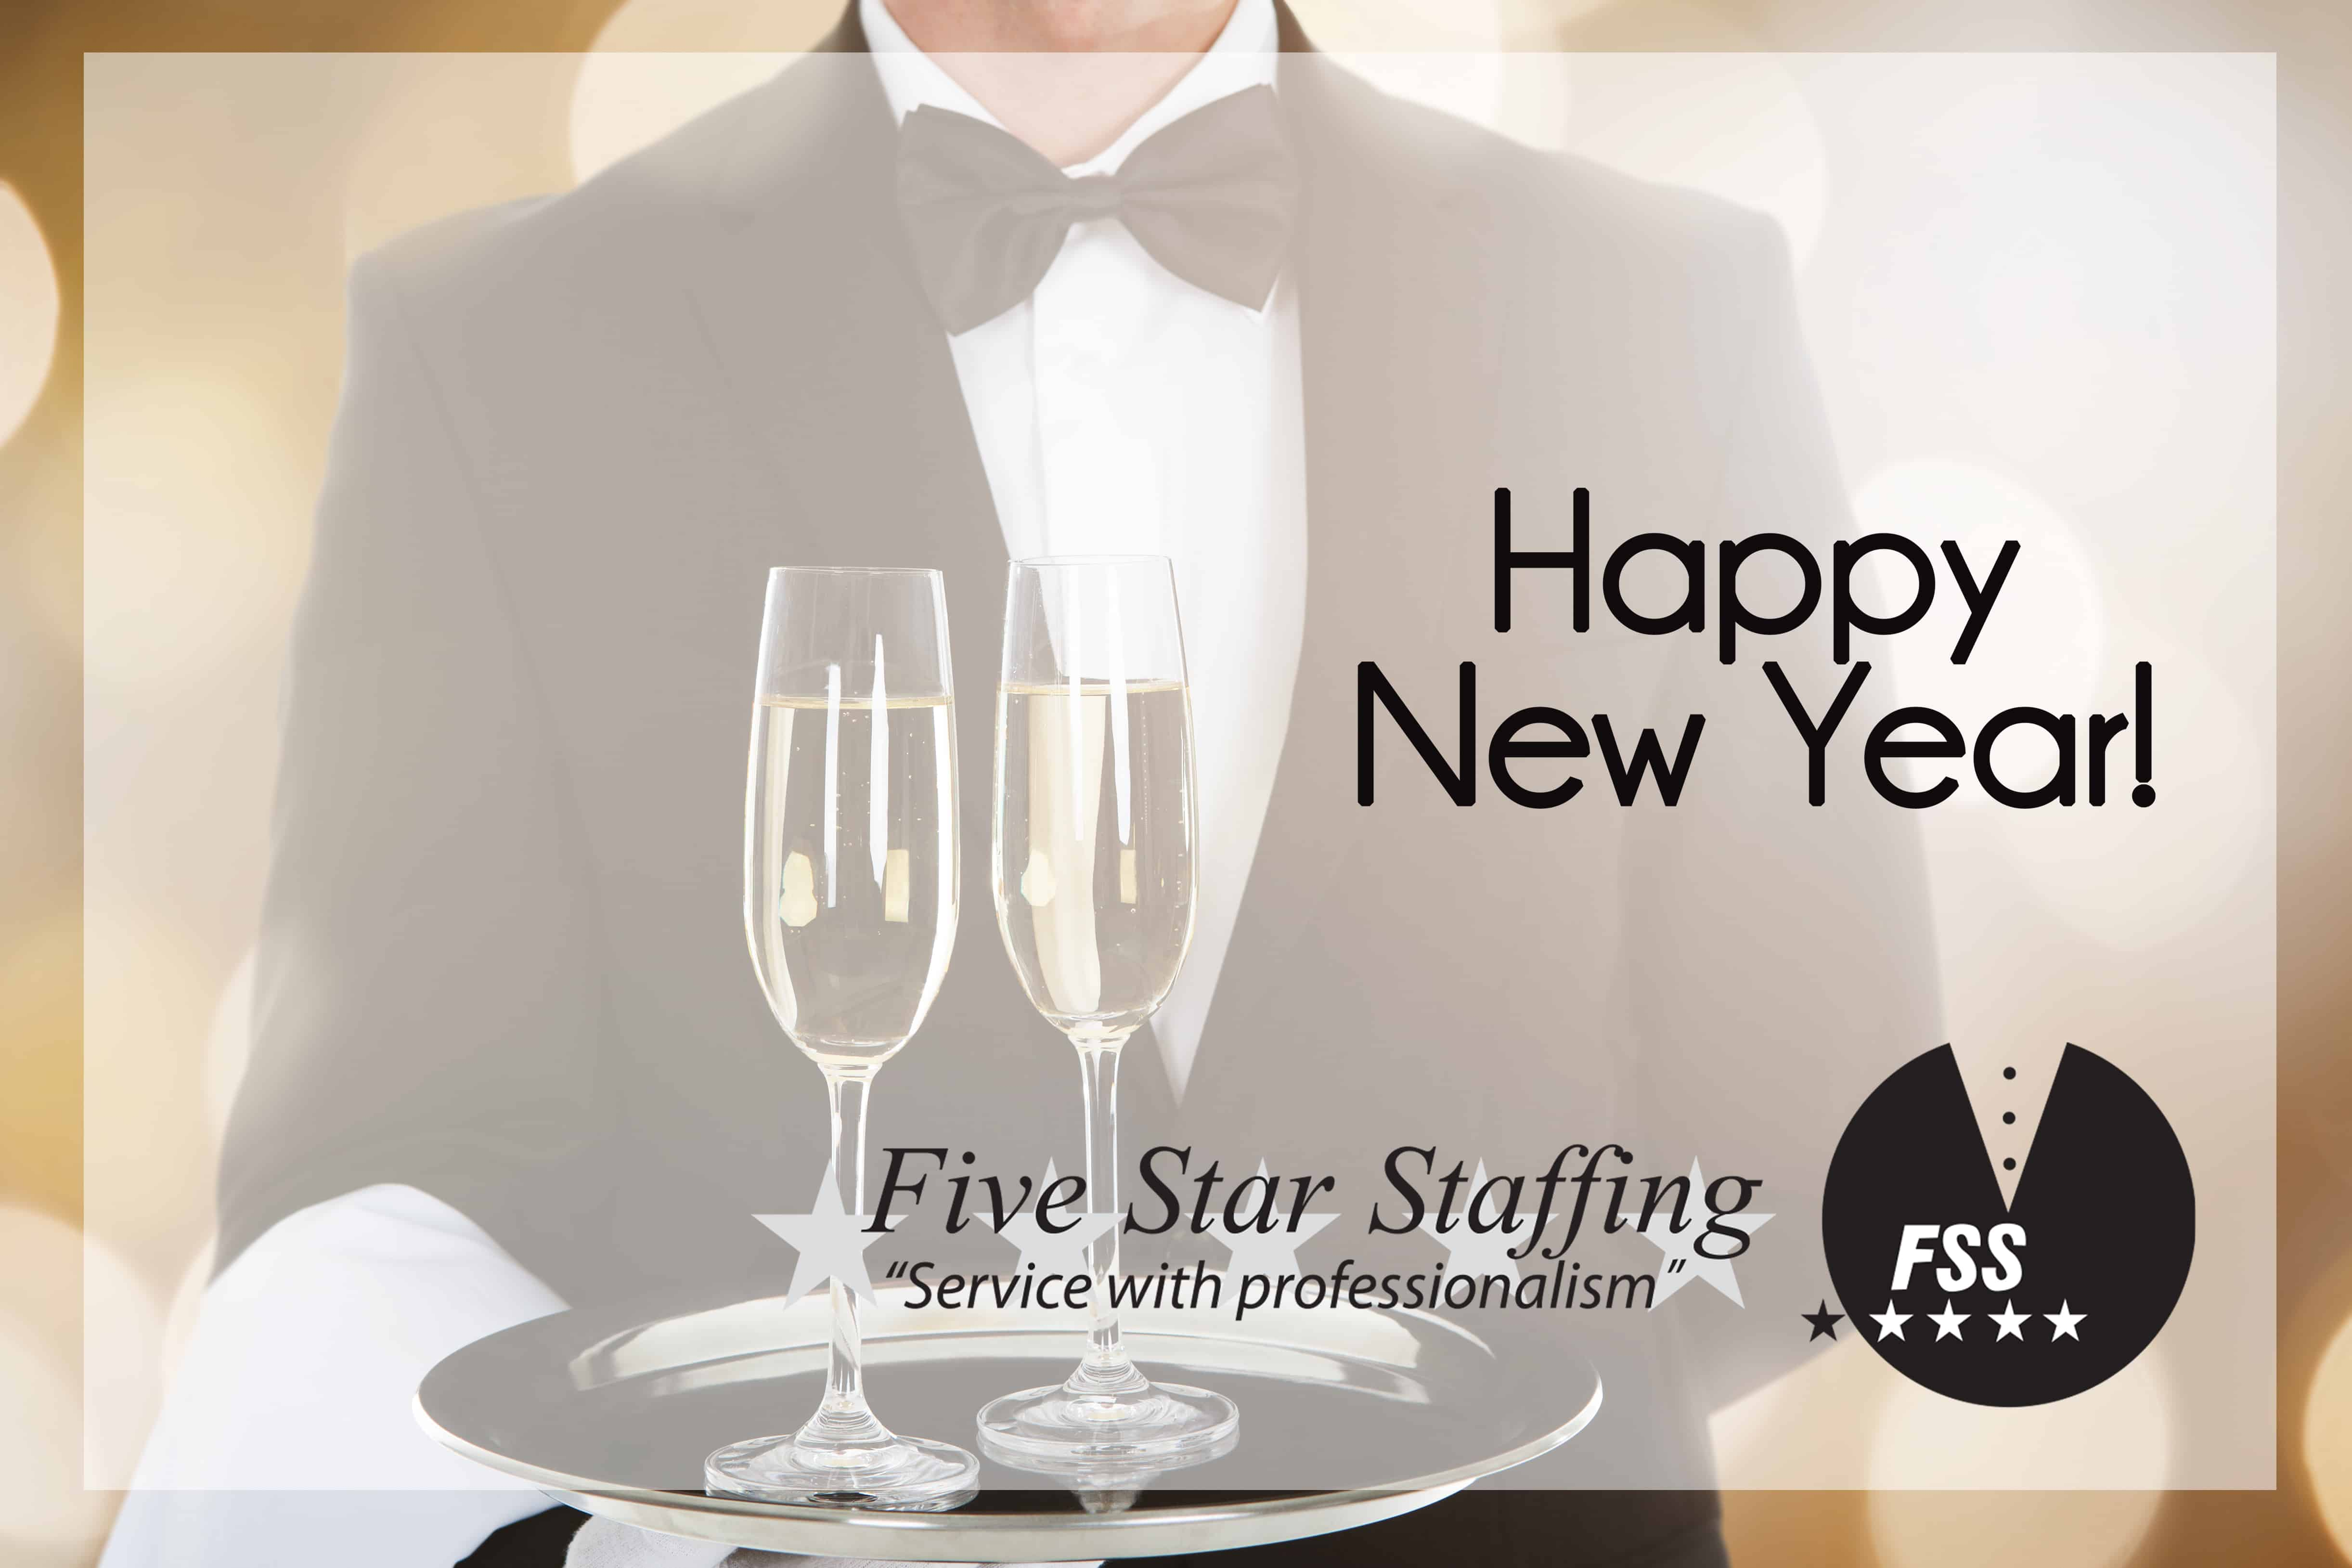 Five Star Staffing Social Media